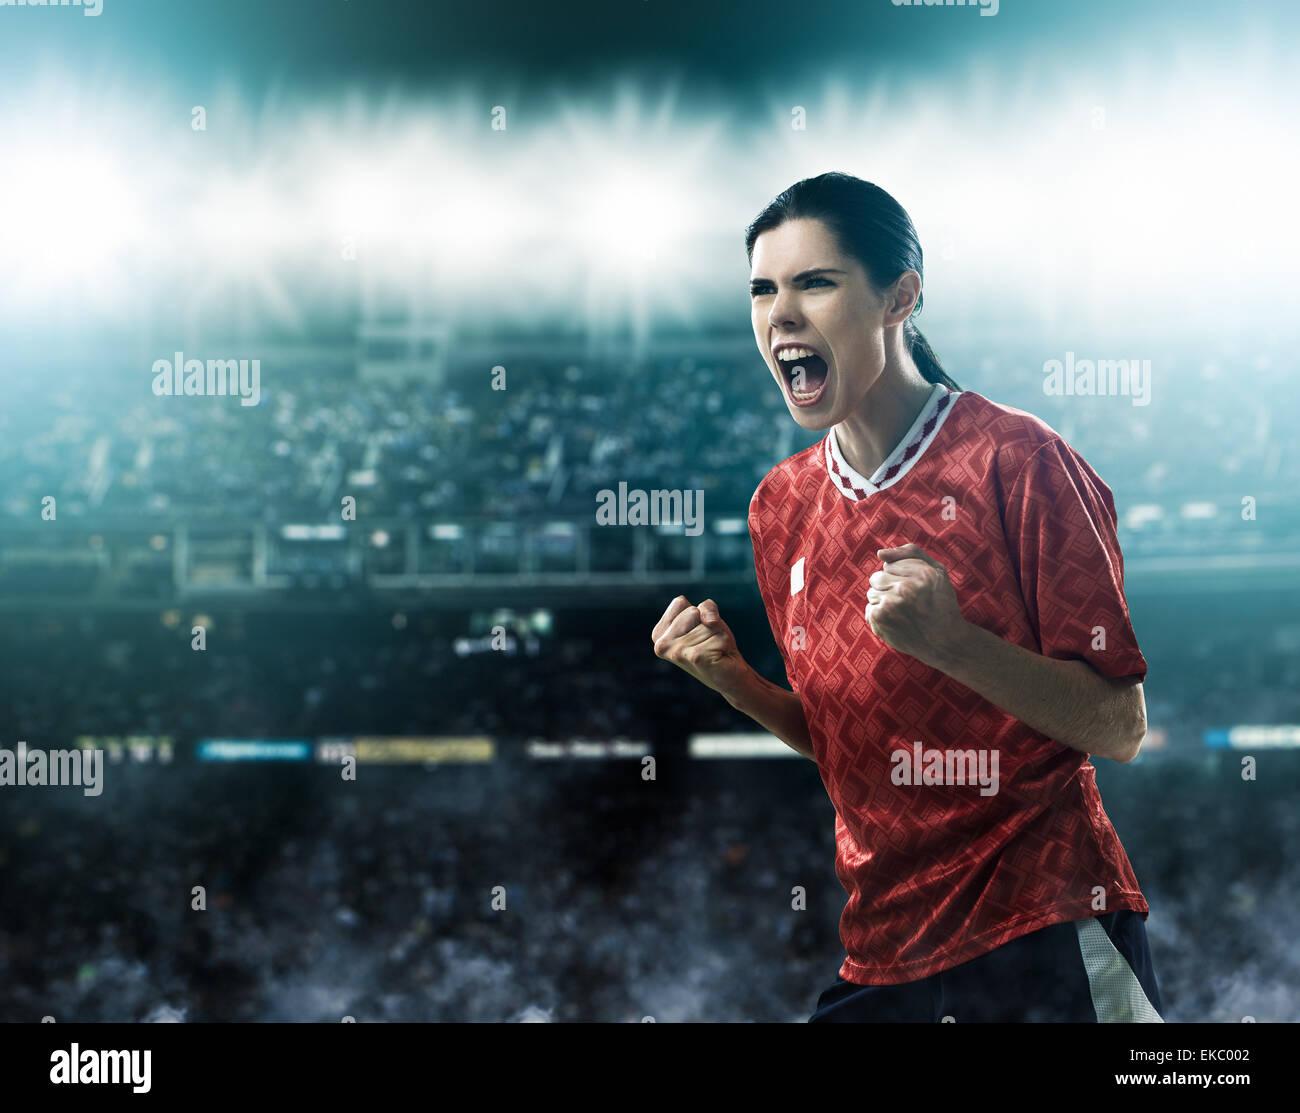 Fußballer feiern Ziel Stockfoto